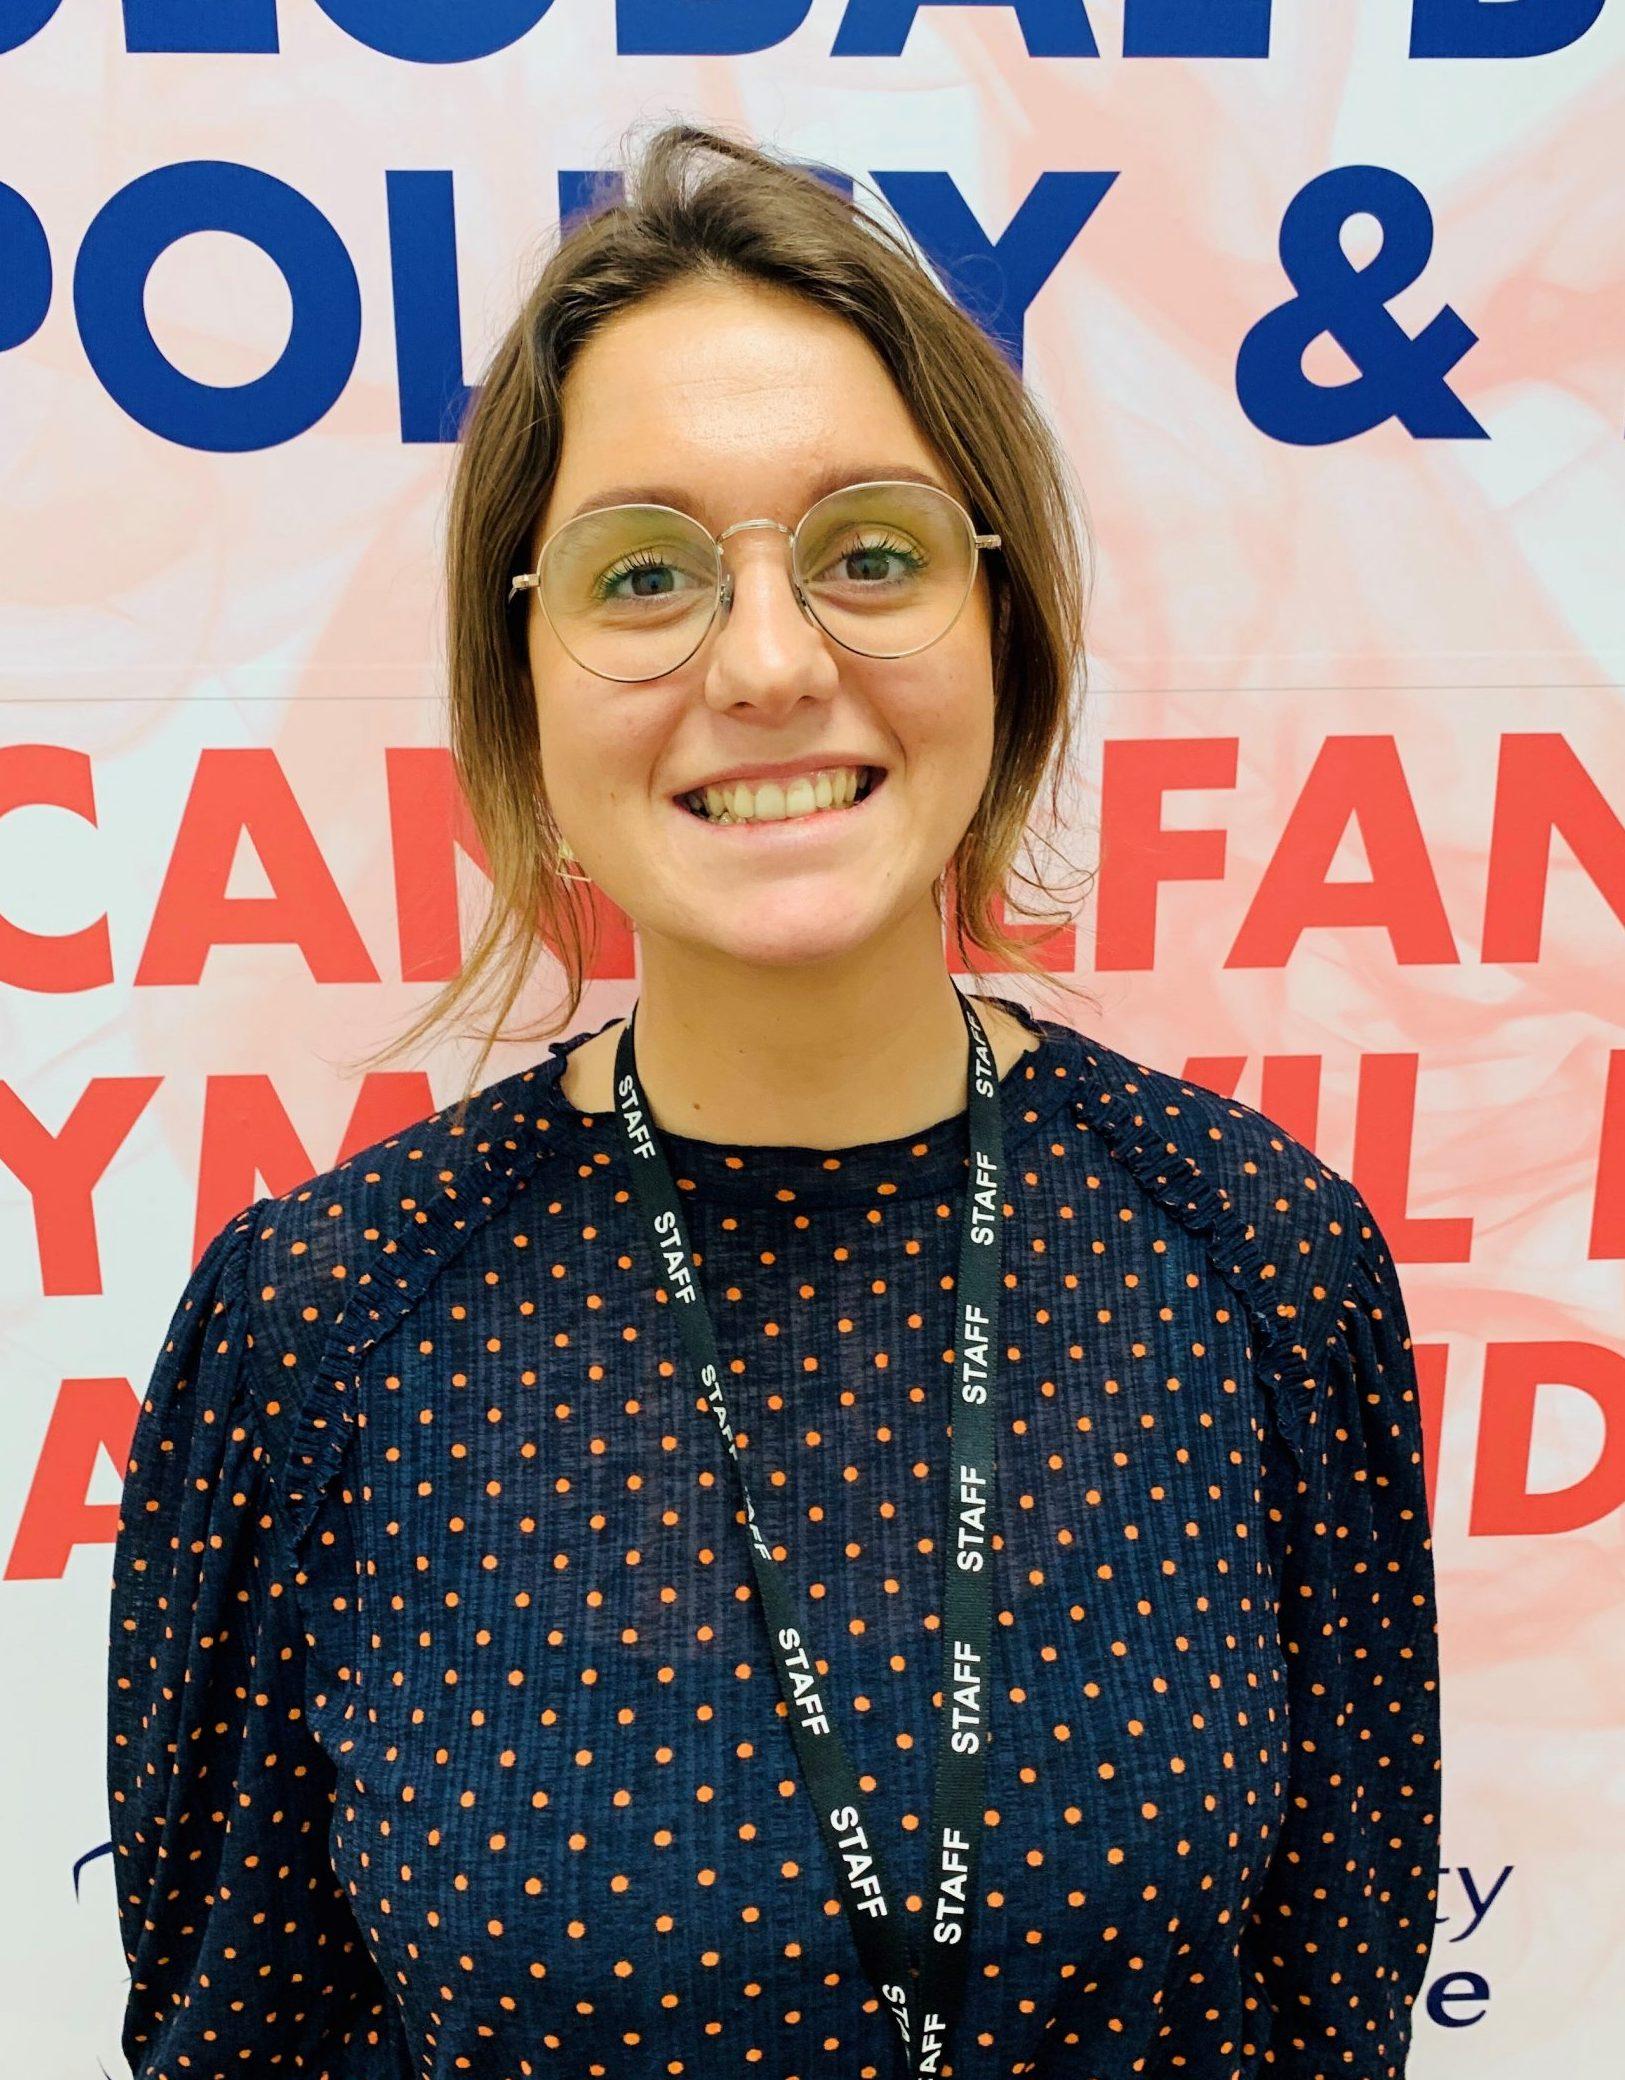 Caitlin Hebron